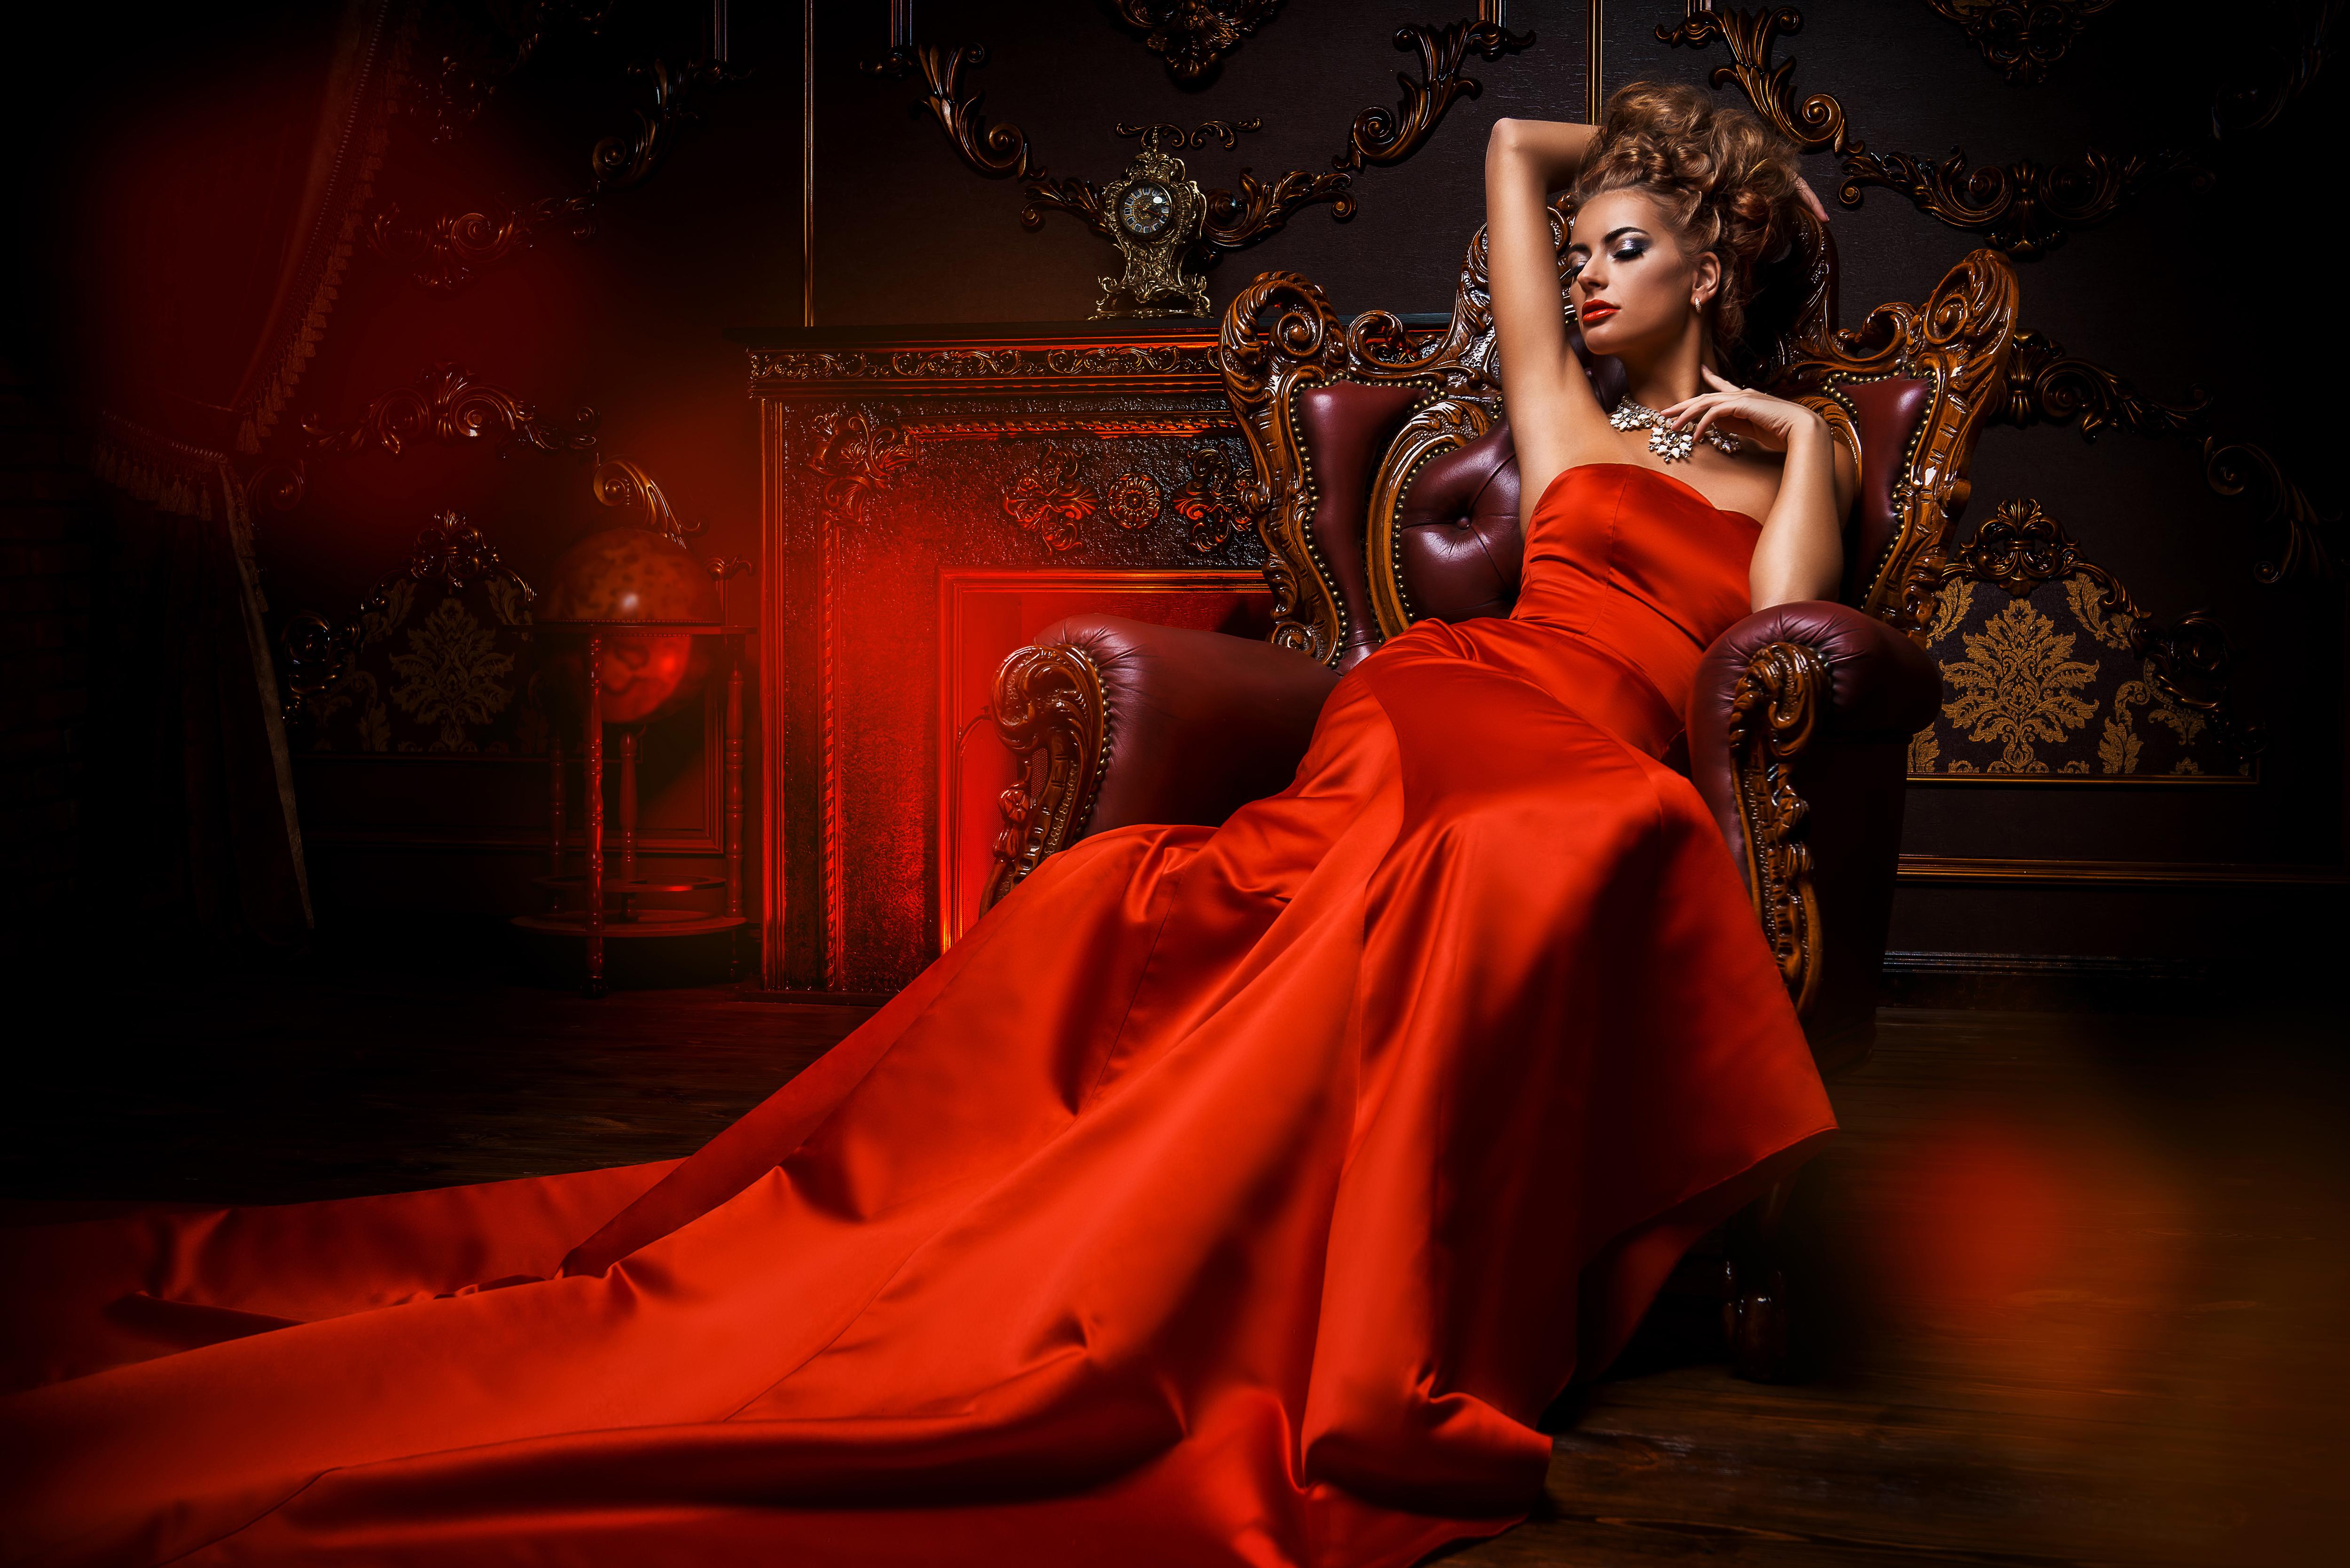 вас интересует видео девушка в красном платье позу, которой